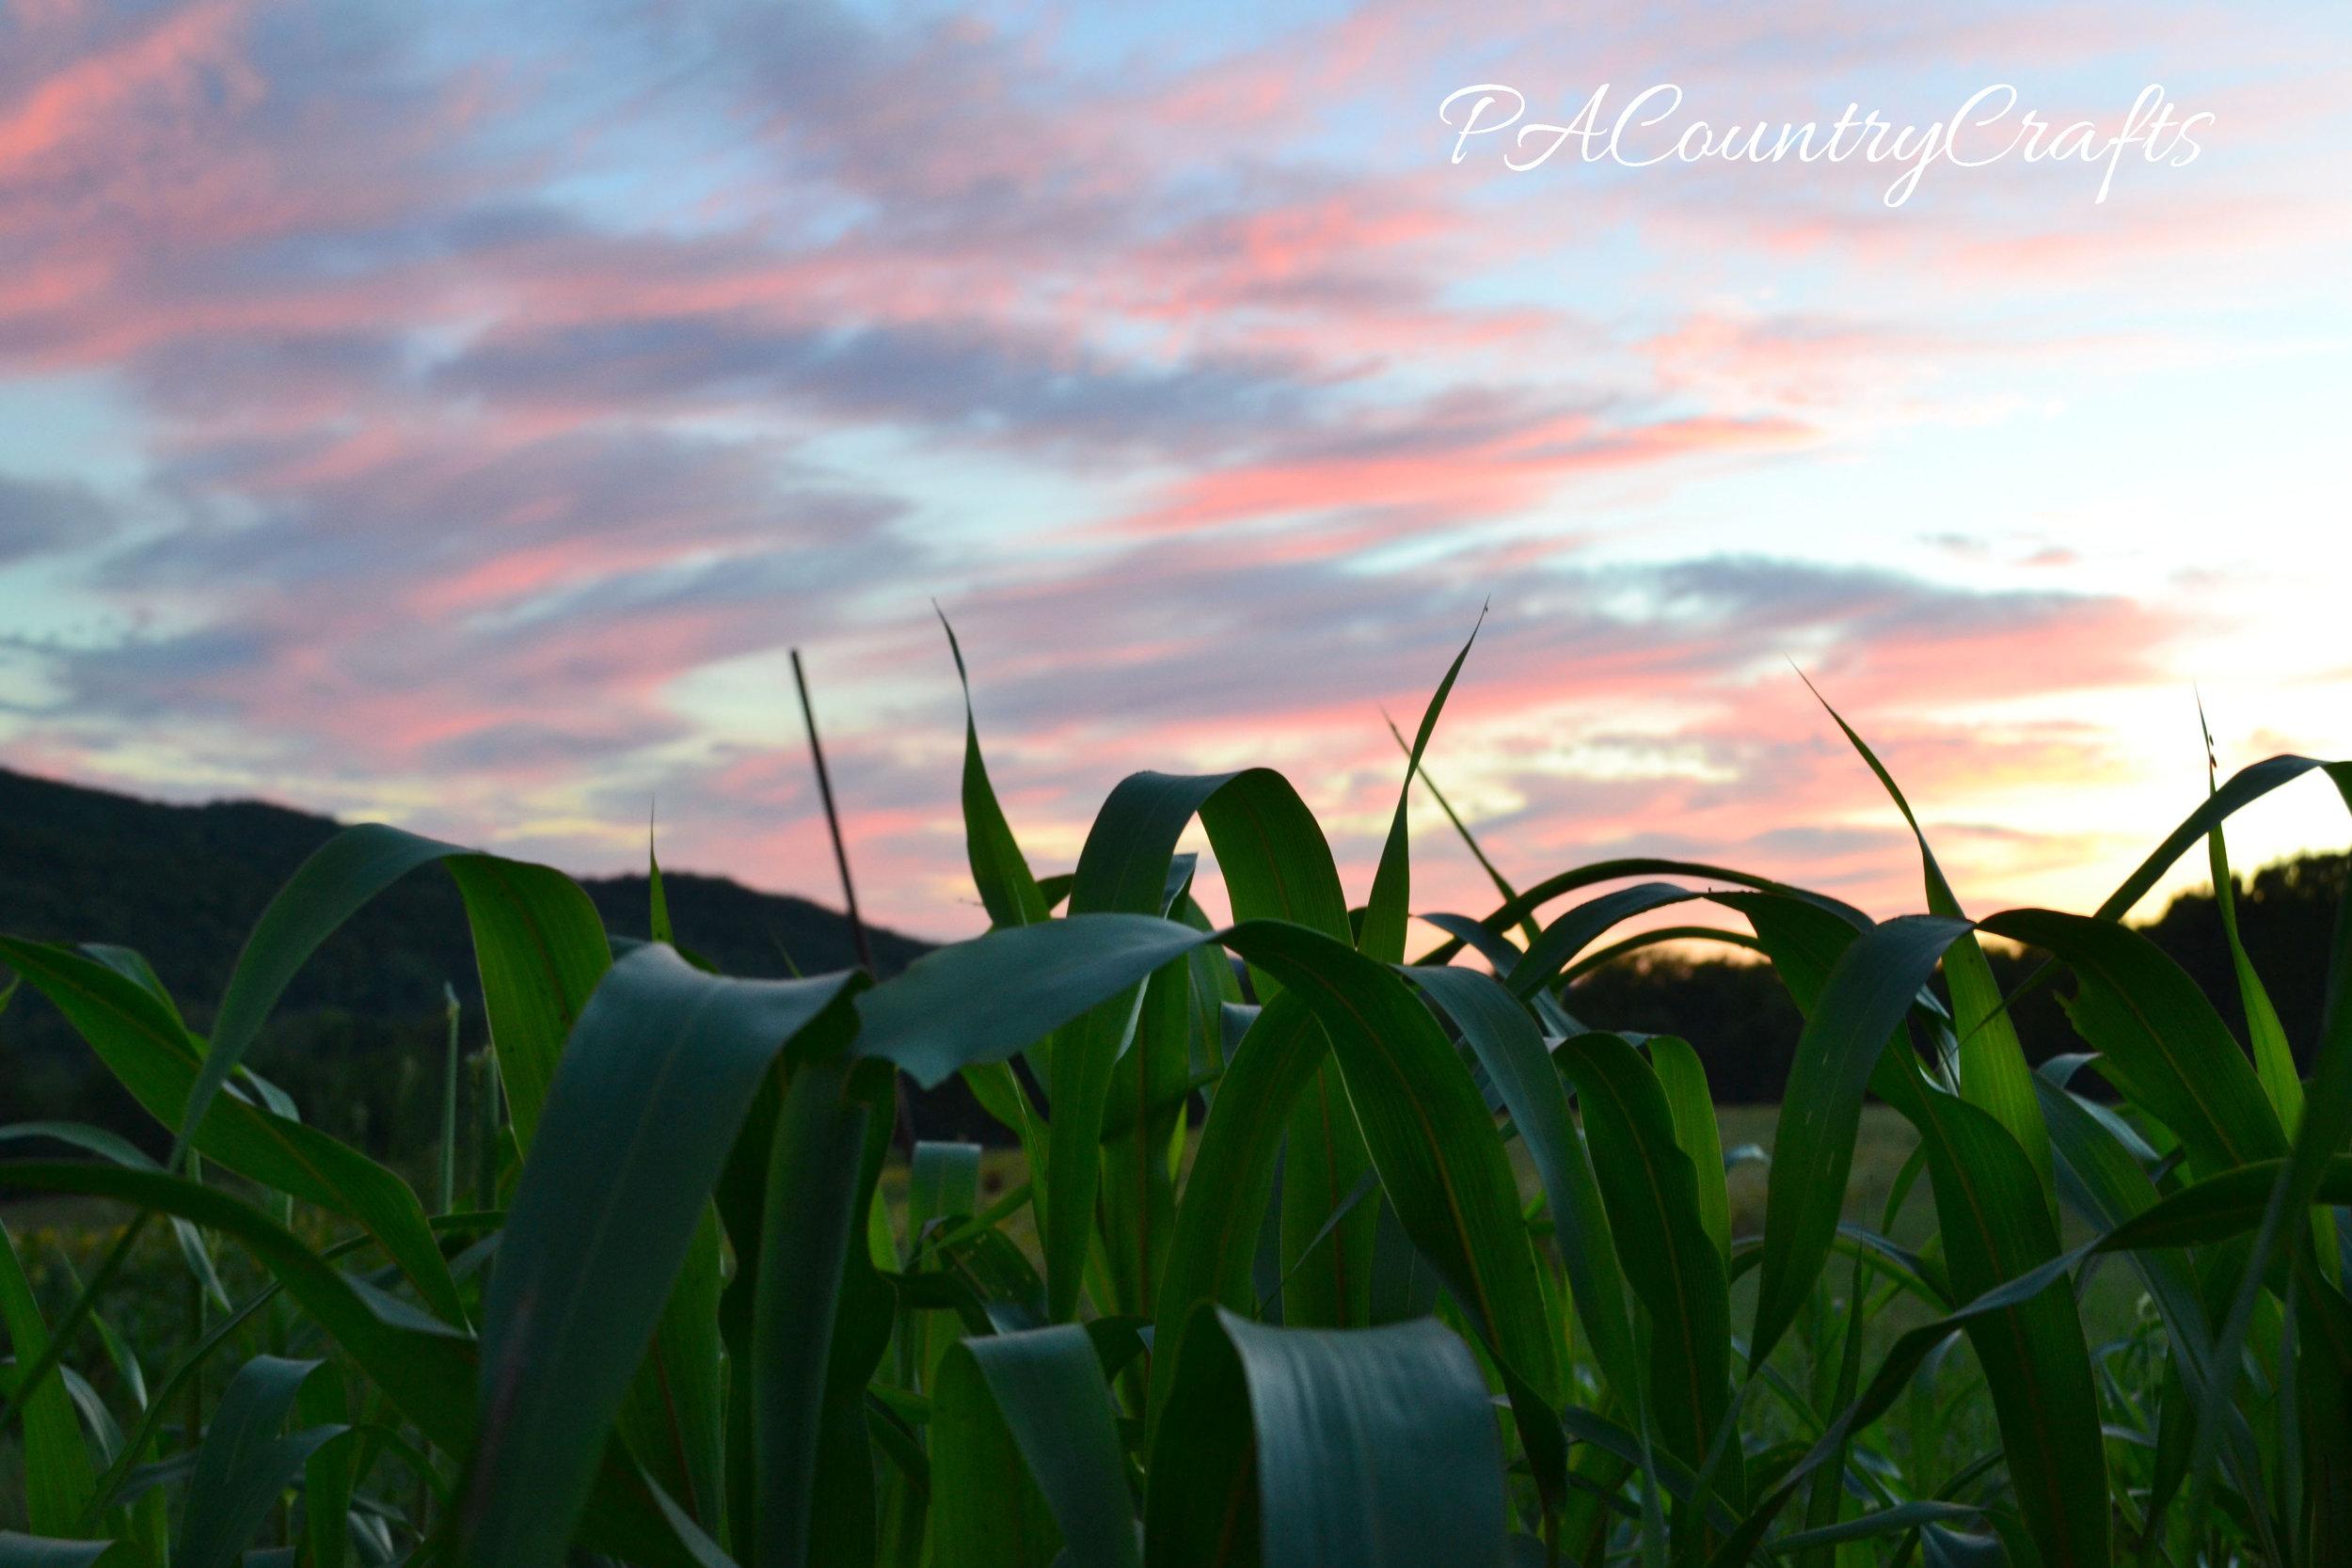 sunset over sudan grass field